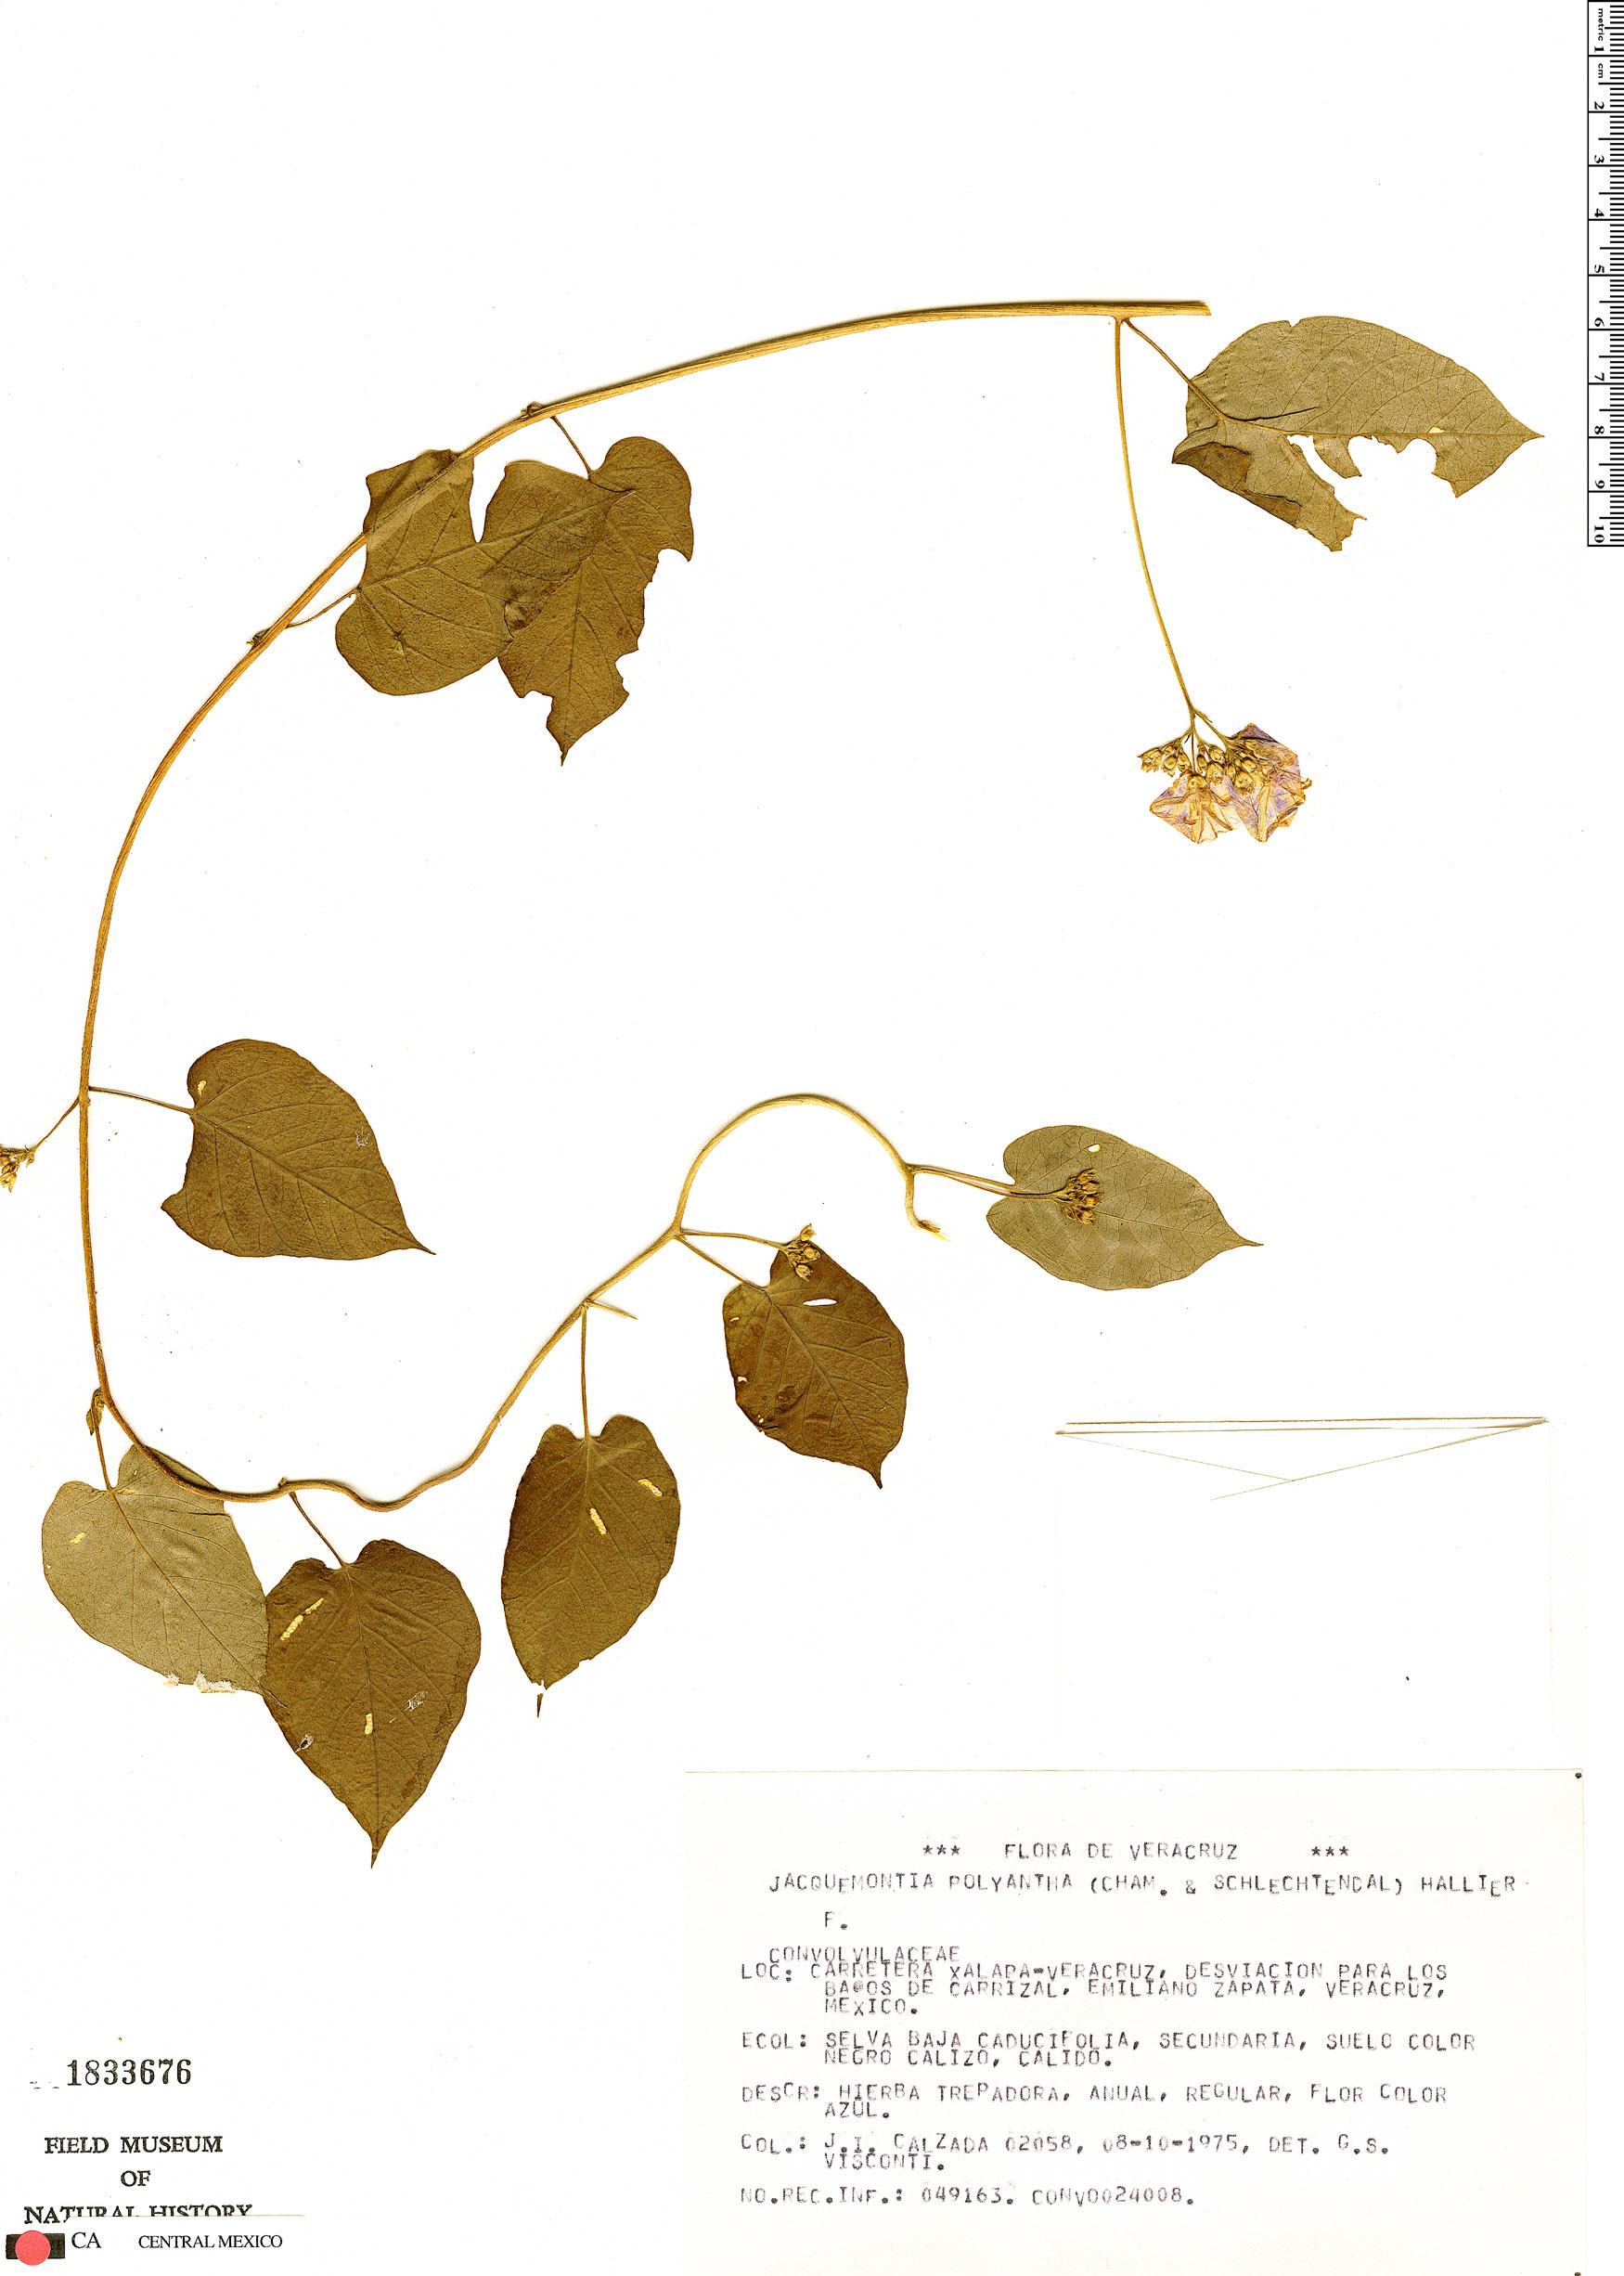 Jacquemontia polyantha image